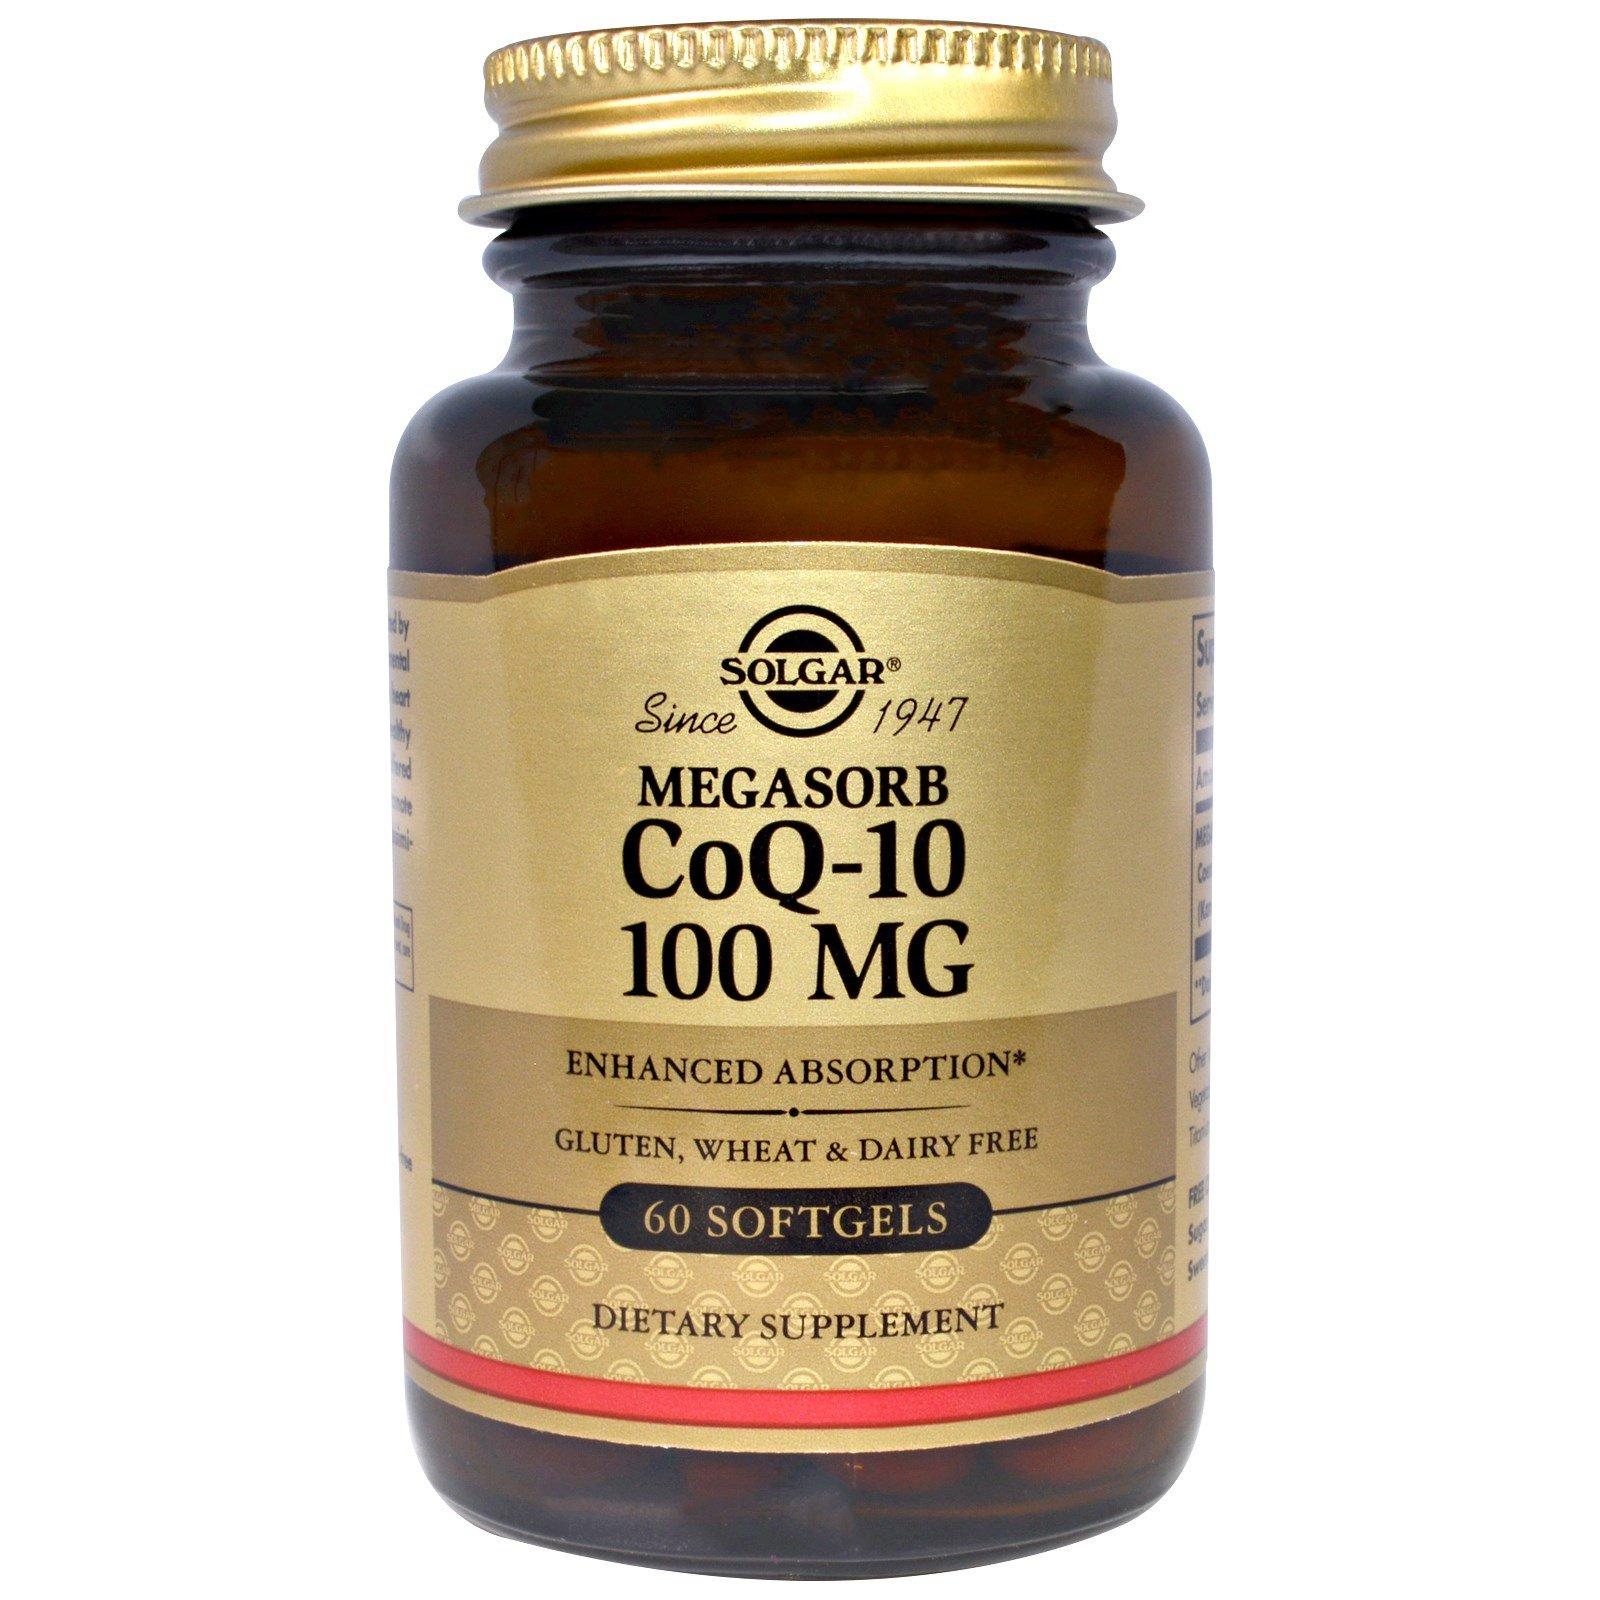 Megasorb CoQ-10 100 mg Softgels